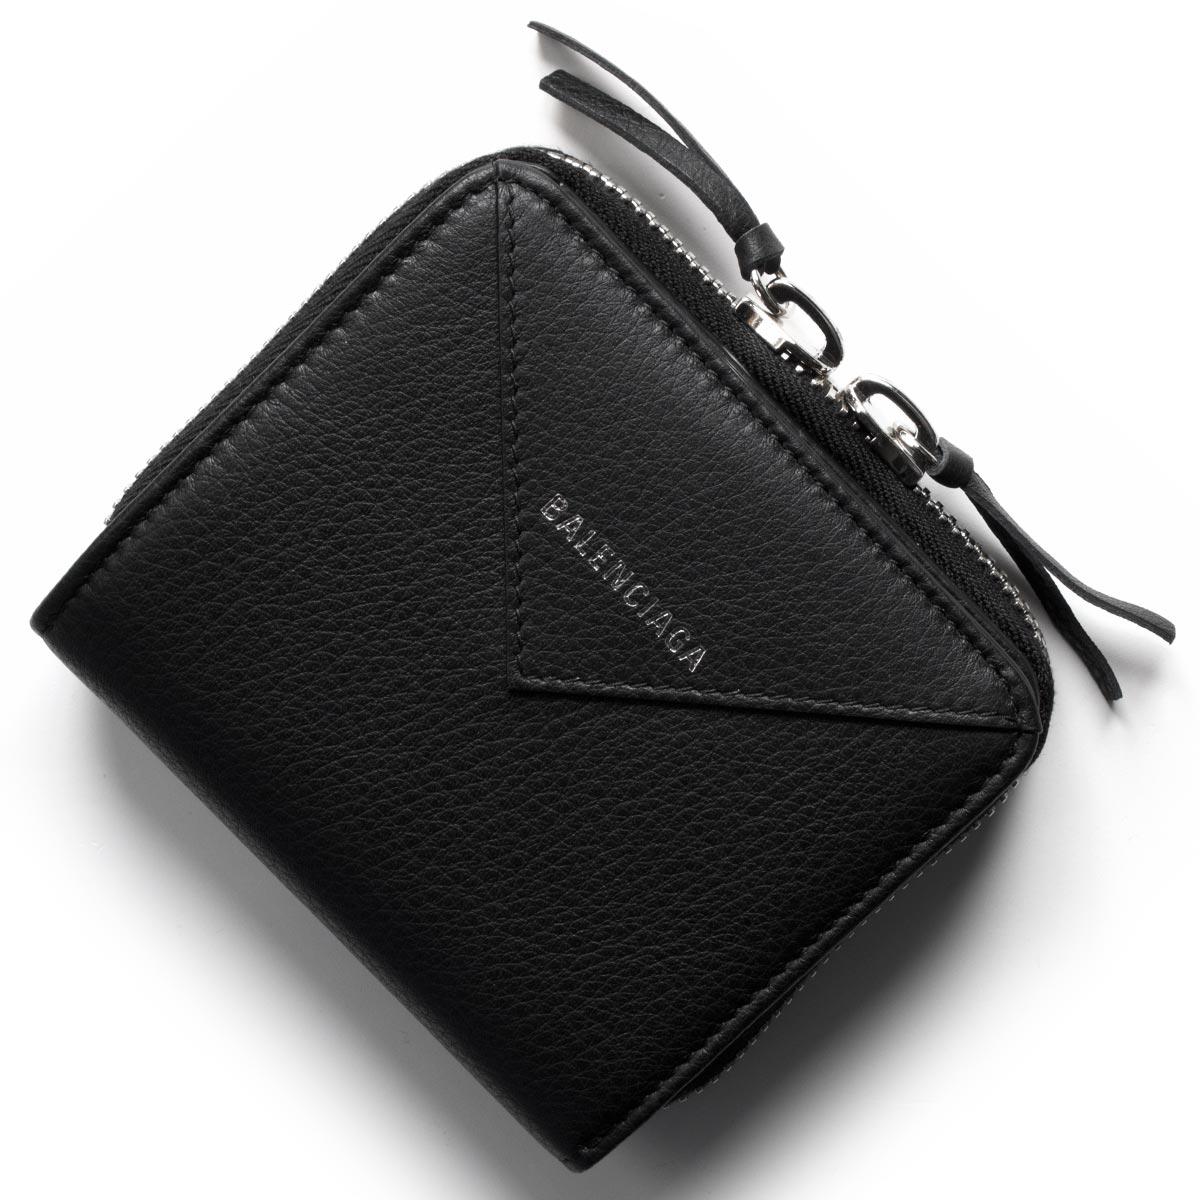 バレンシアガ 二つ折り財布 財布 レディース ペーパー ビルフォールド ブラック 371662 DLQ0N 1000 BALENCIAGA